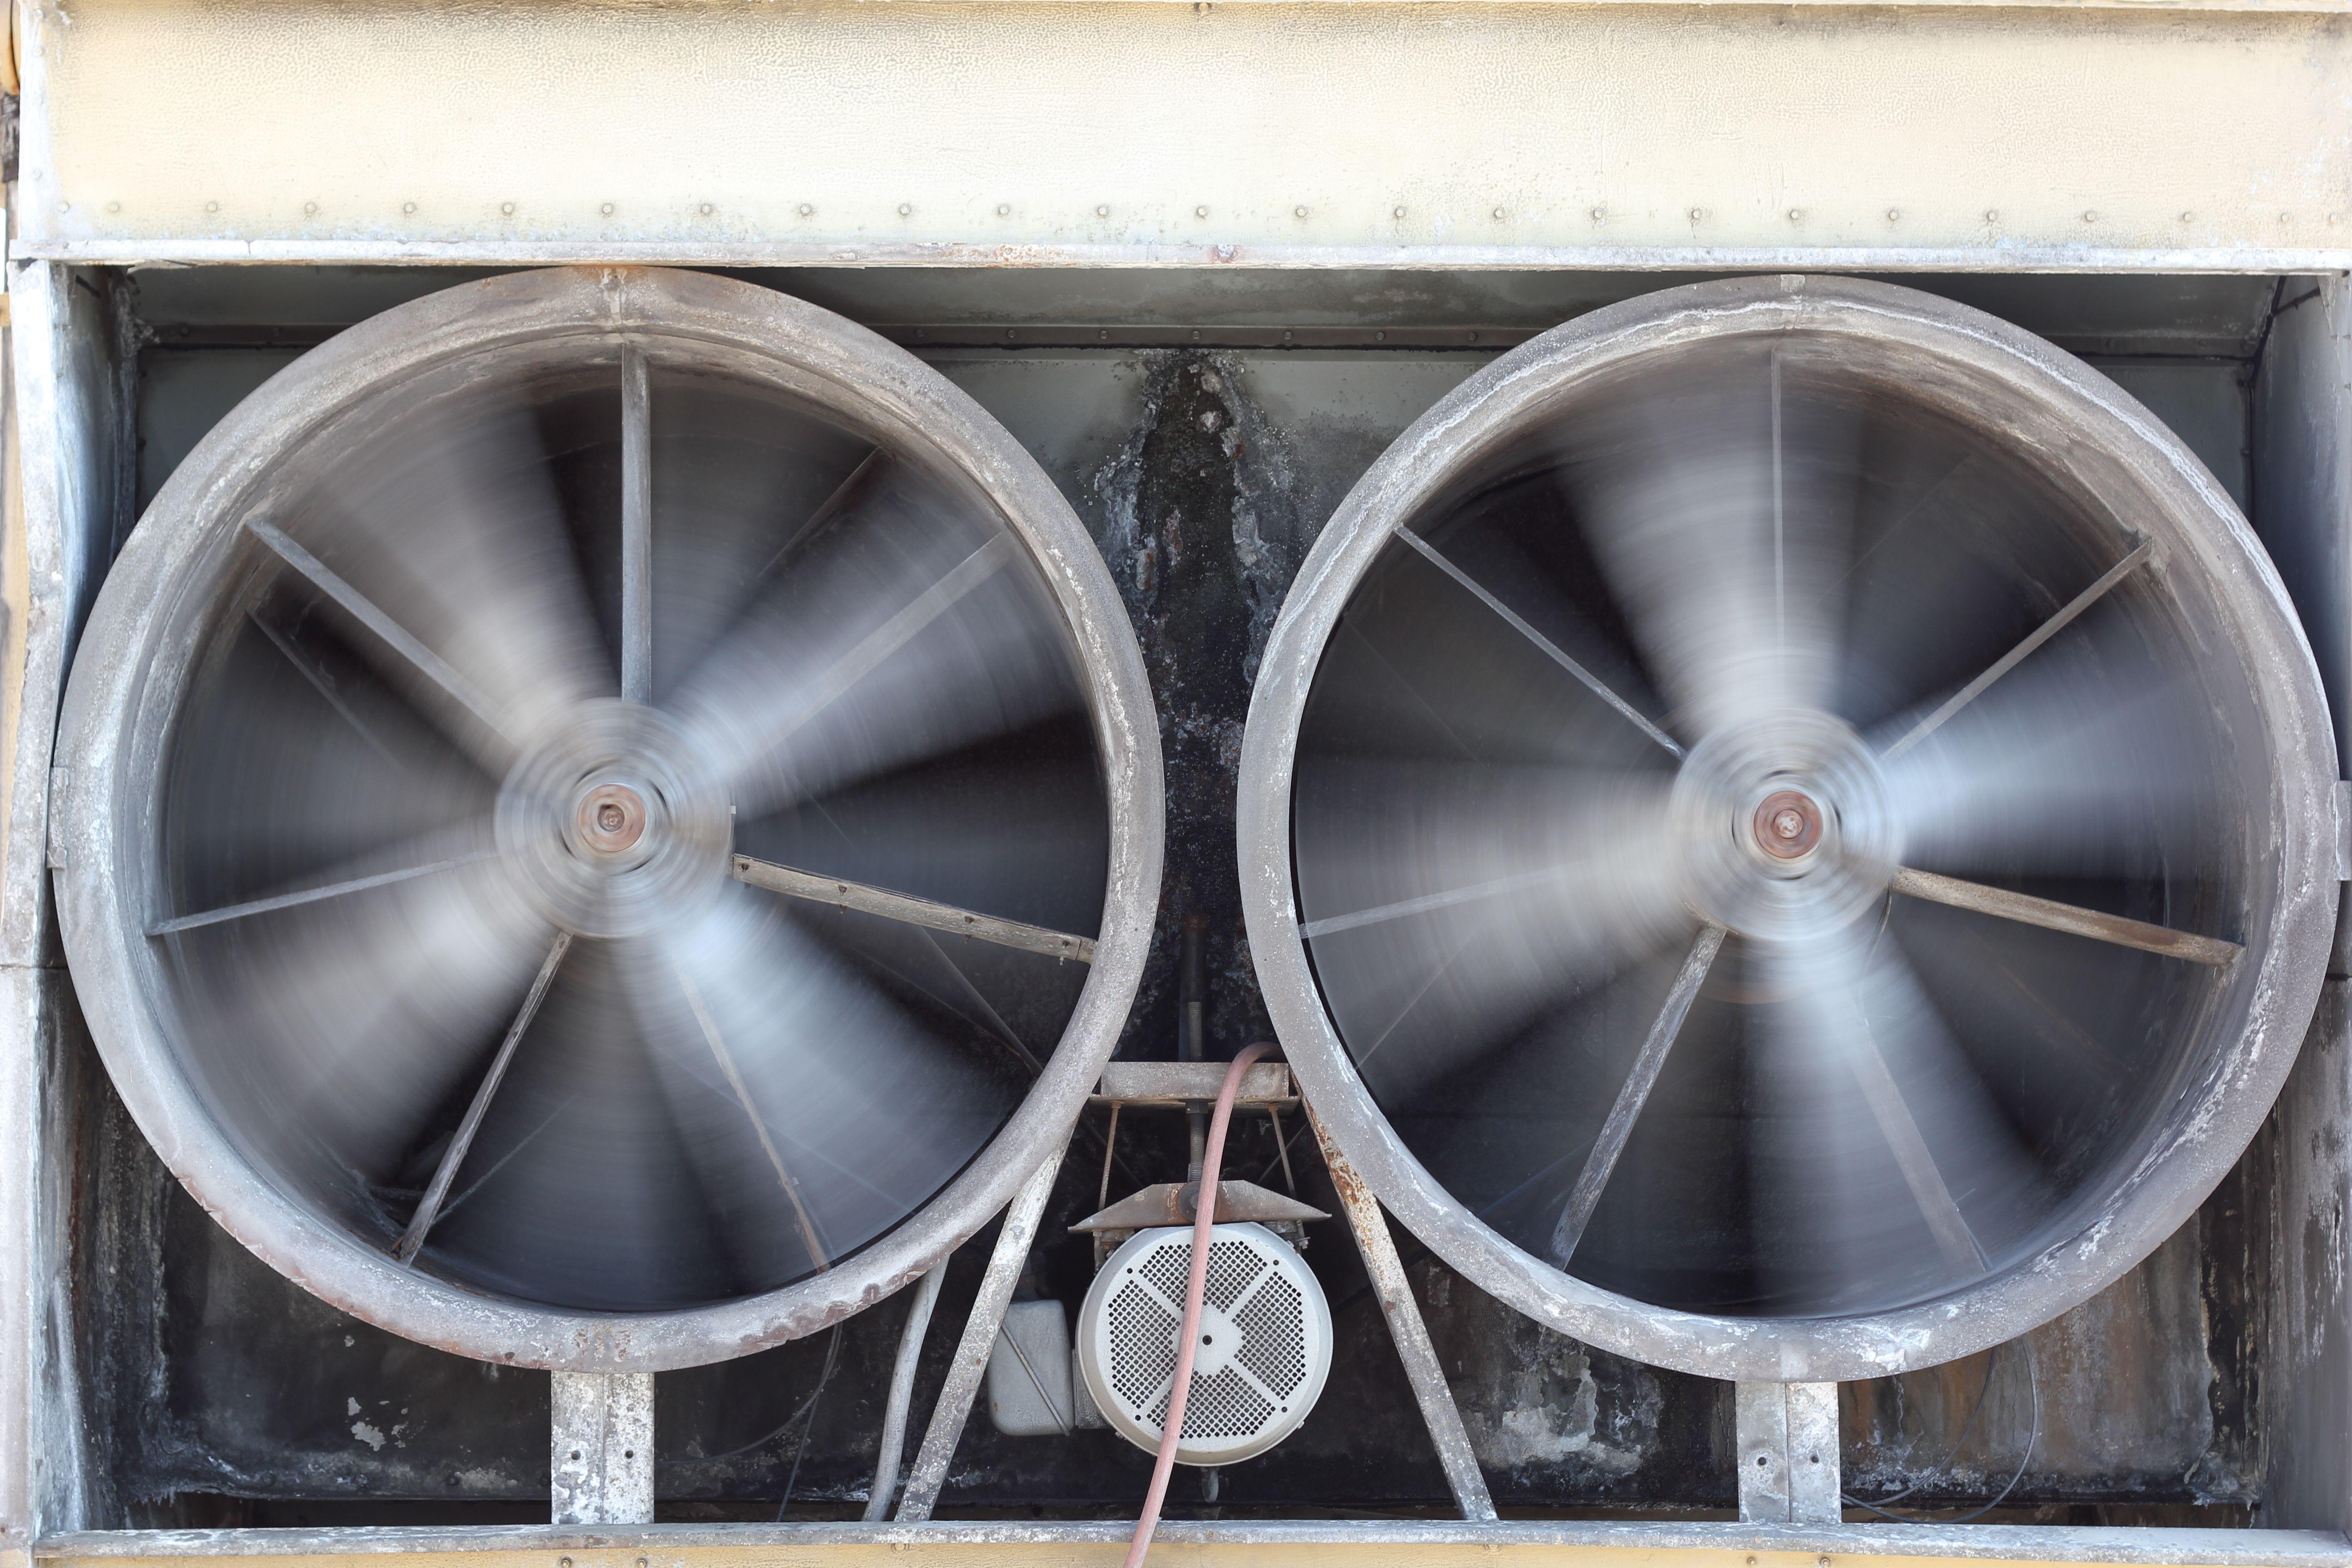 Ipari ventilátor a gyárakban és raktárakban